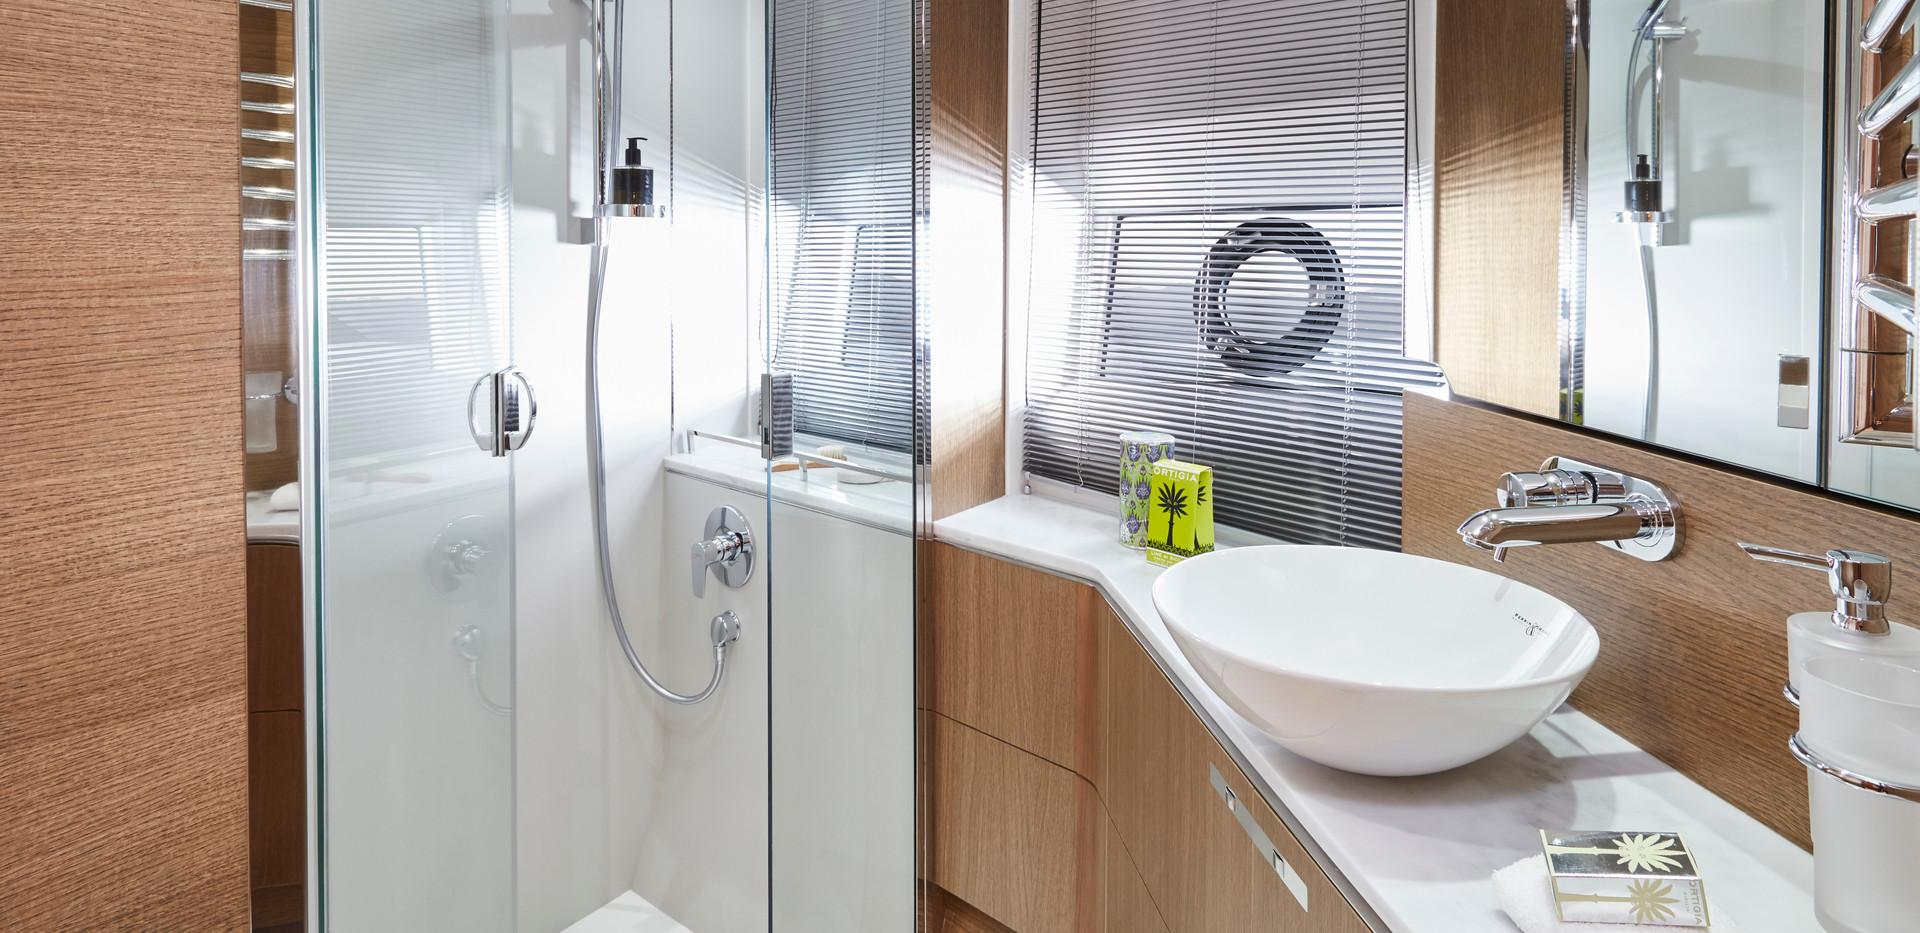 v65-interior-forward-bathroom.jpg